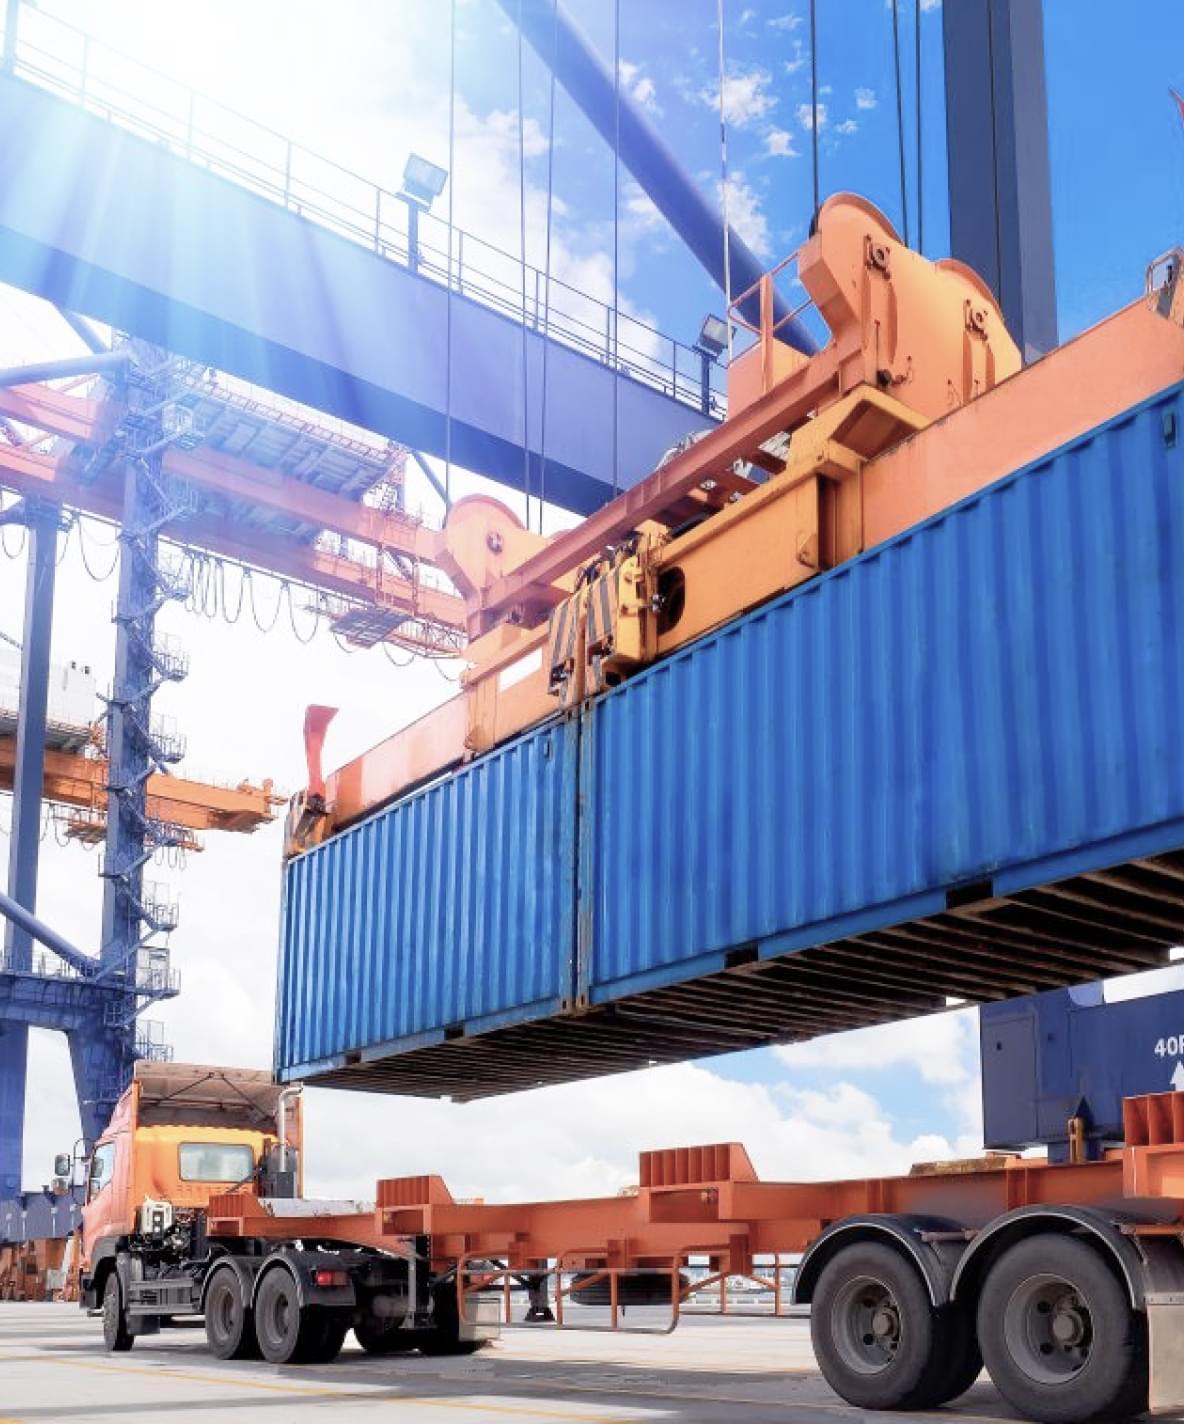 Автомобильная перевозка генеральных грузов и контейнеров